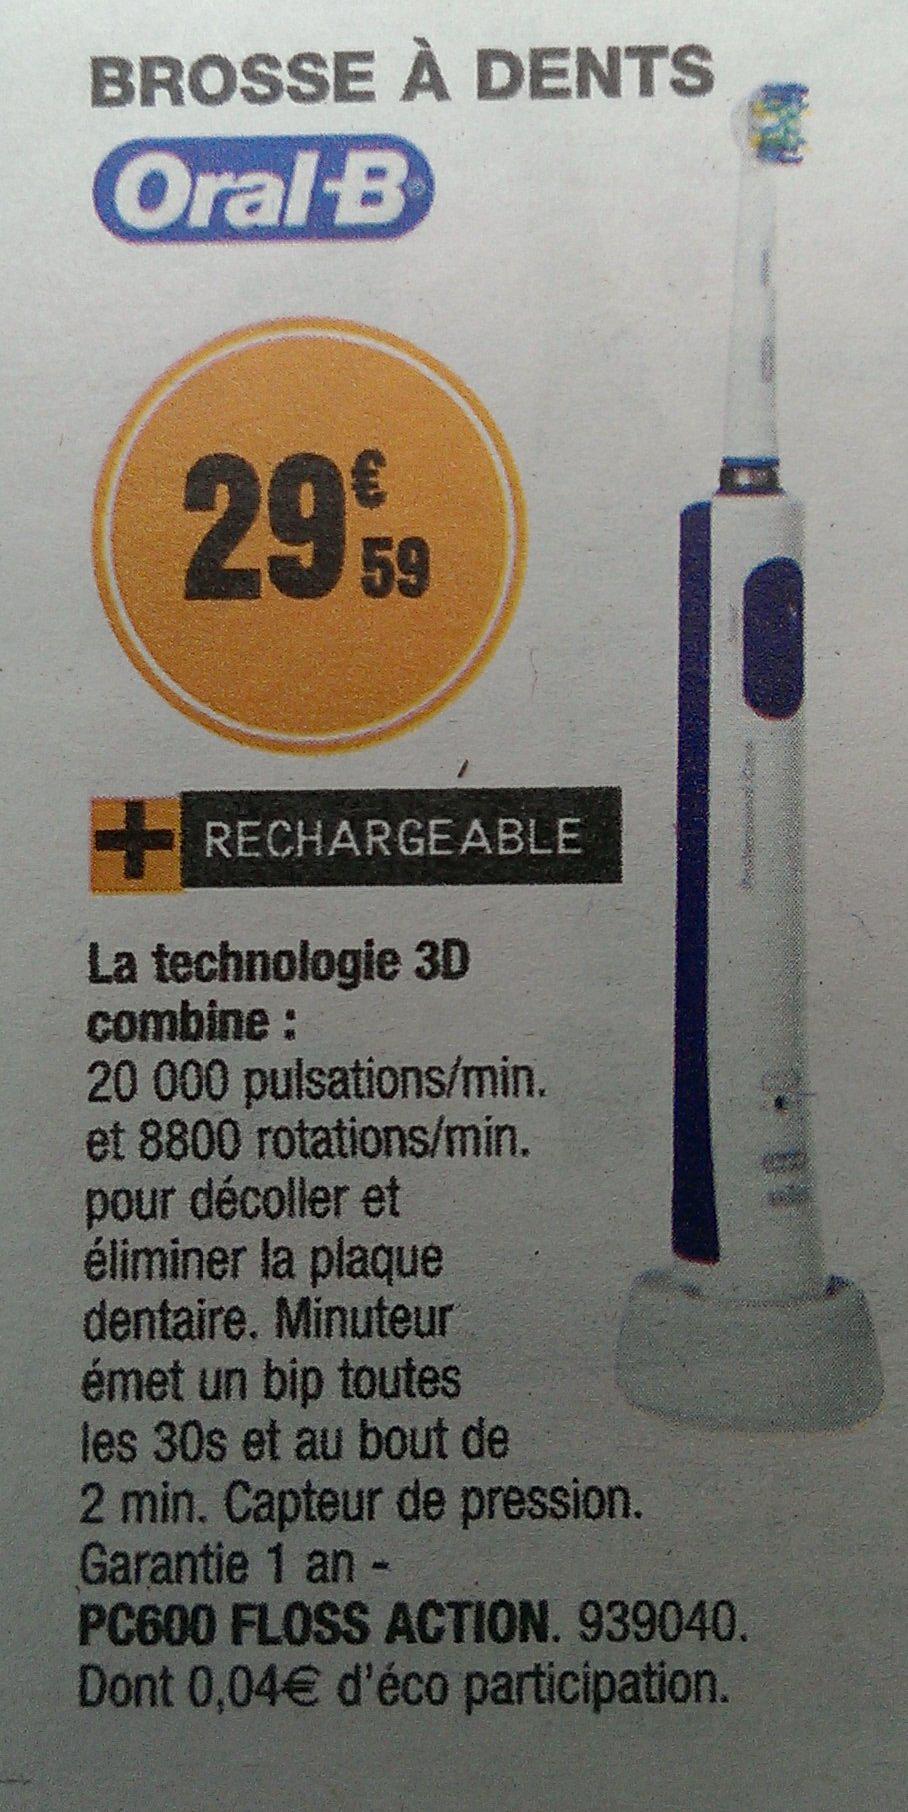 Brosse à dent électrique Oral-B PC600 Floss Action